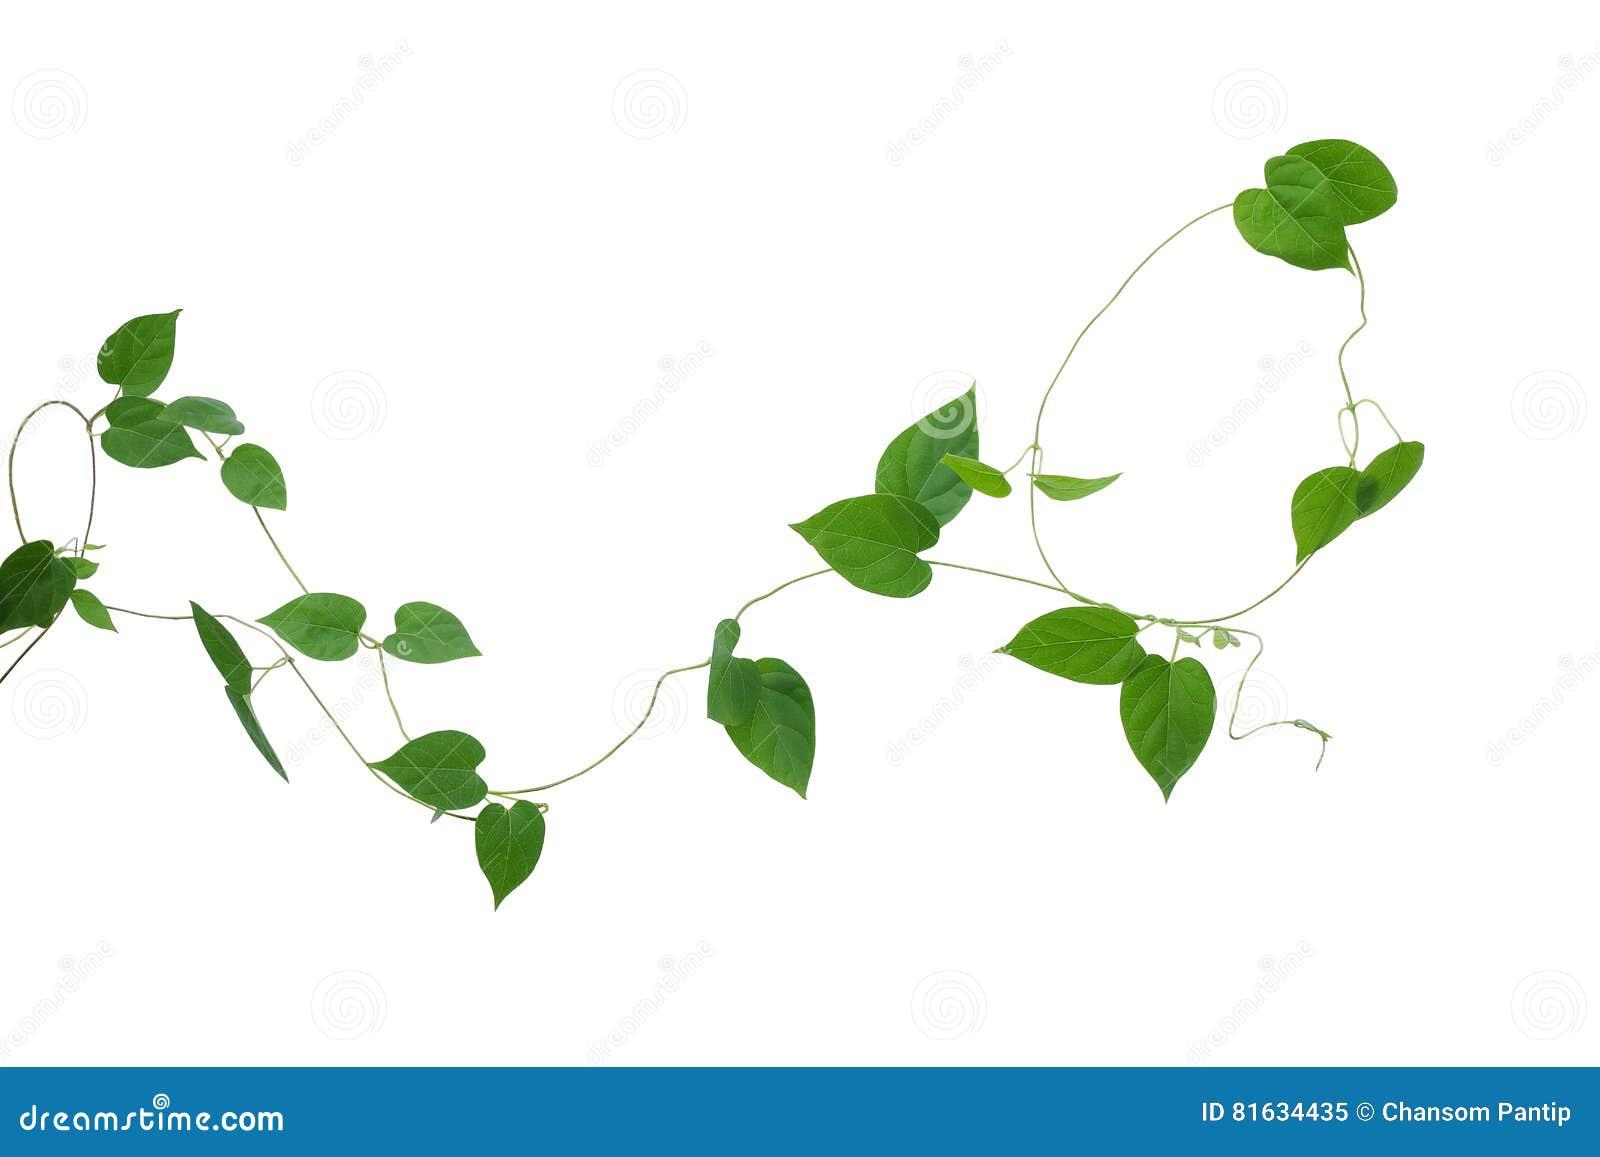 Hjärta formad gräsplan lämnar vinrankor isolerade på vit bakgrund, cl